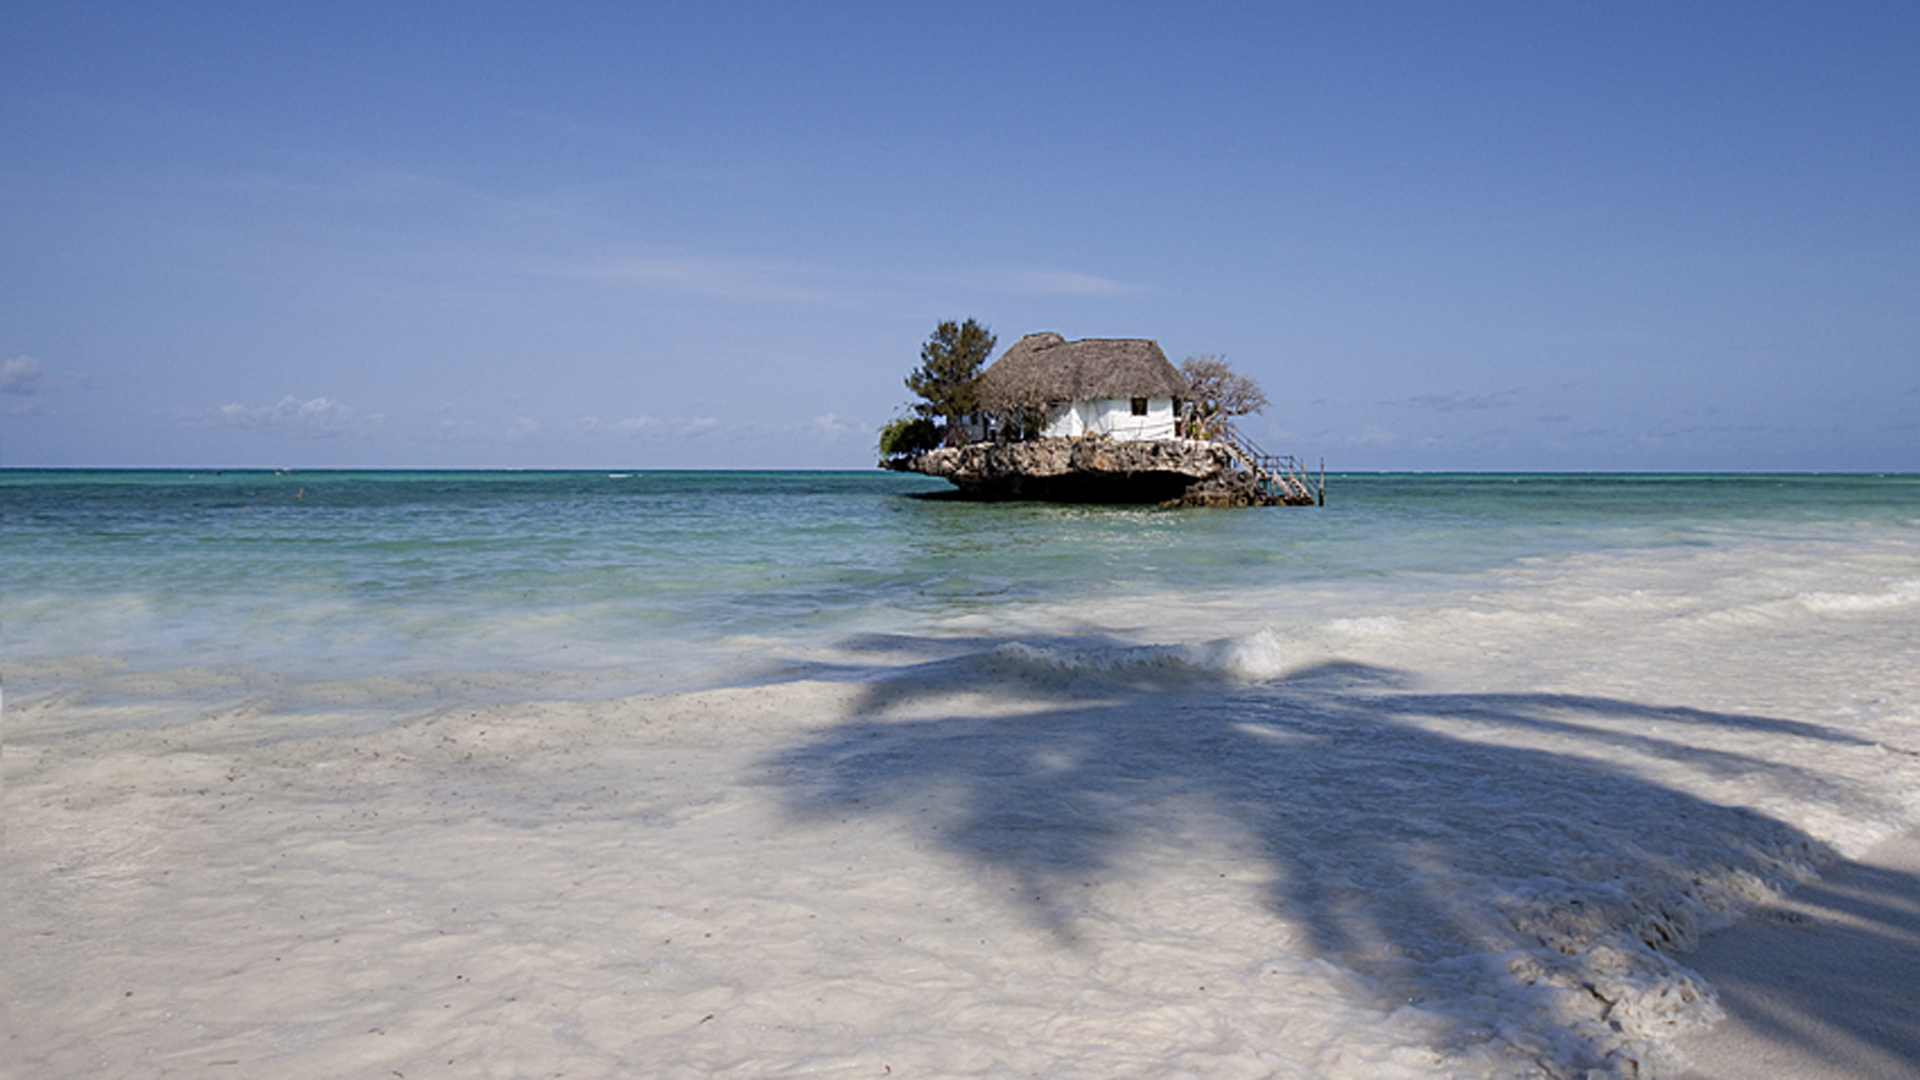 Esta pequeña isla, es uno de los mejores restaurantes de mariscos que solo se puede acceder por bote.